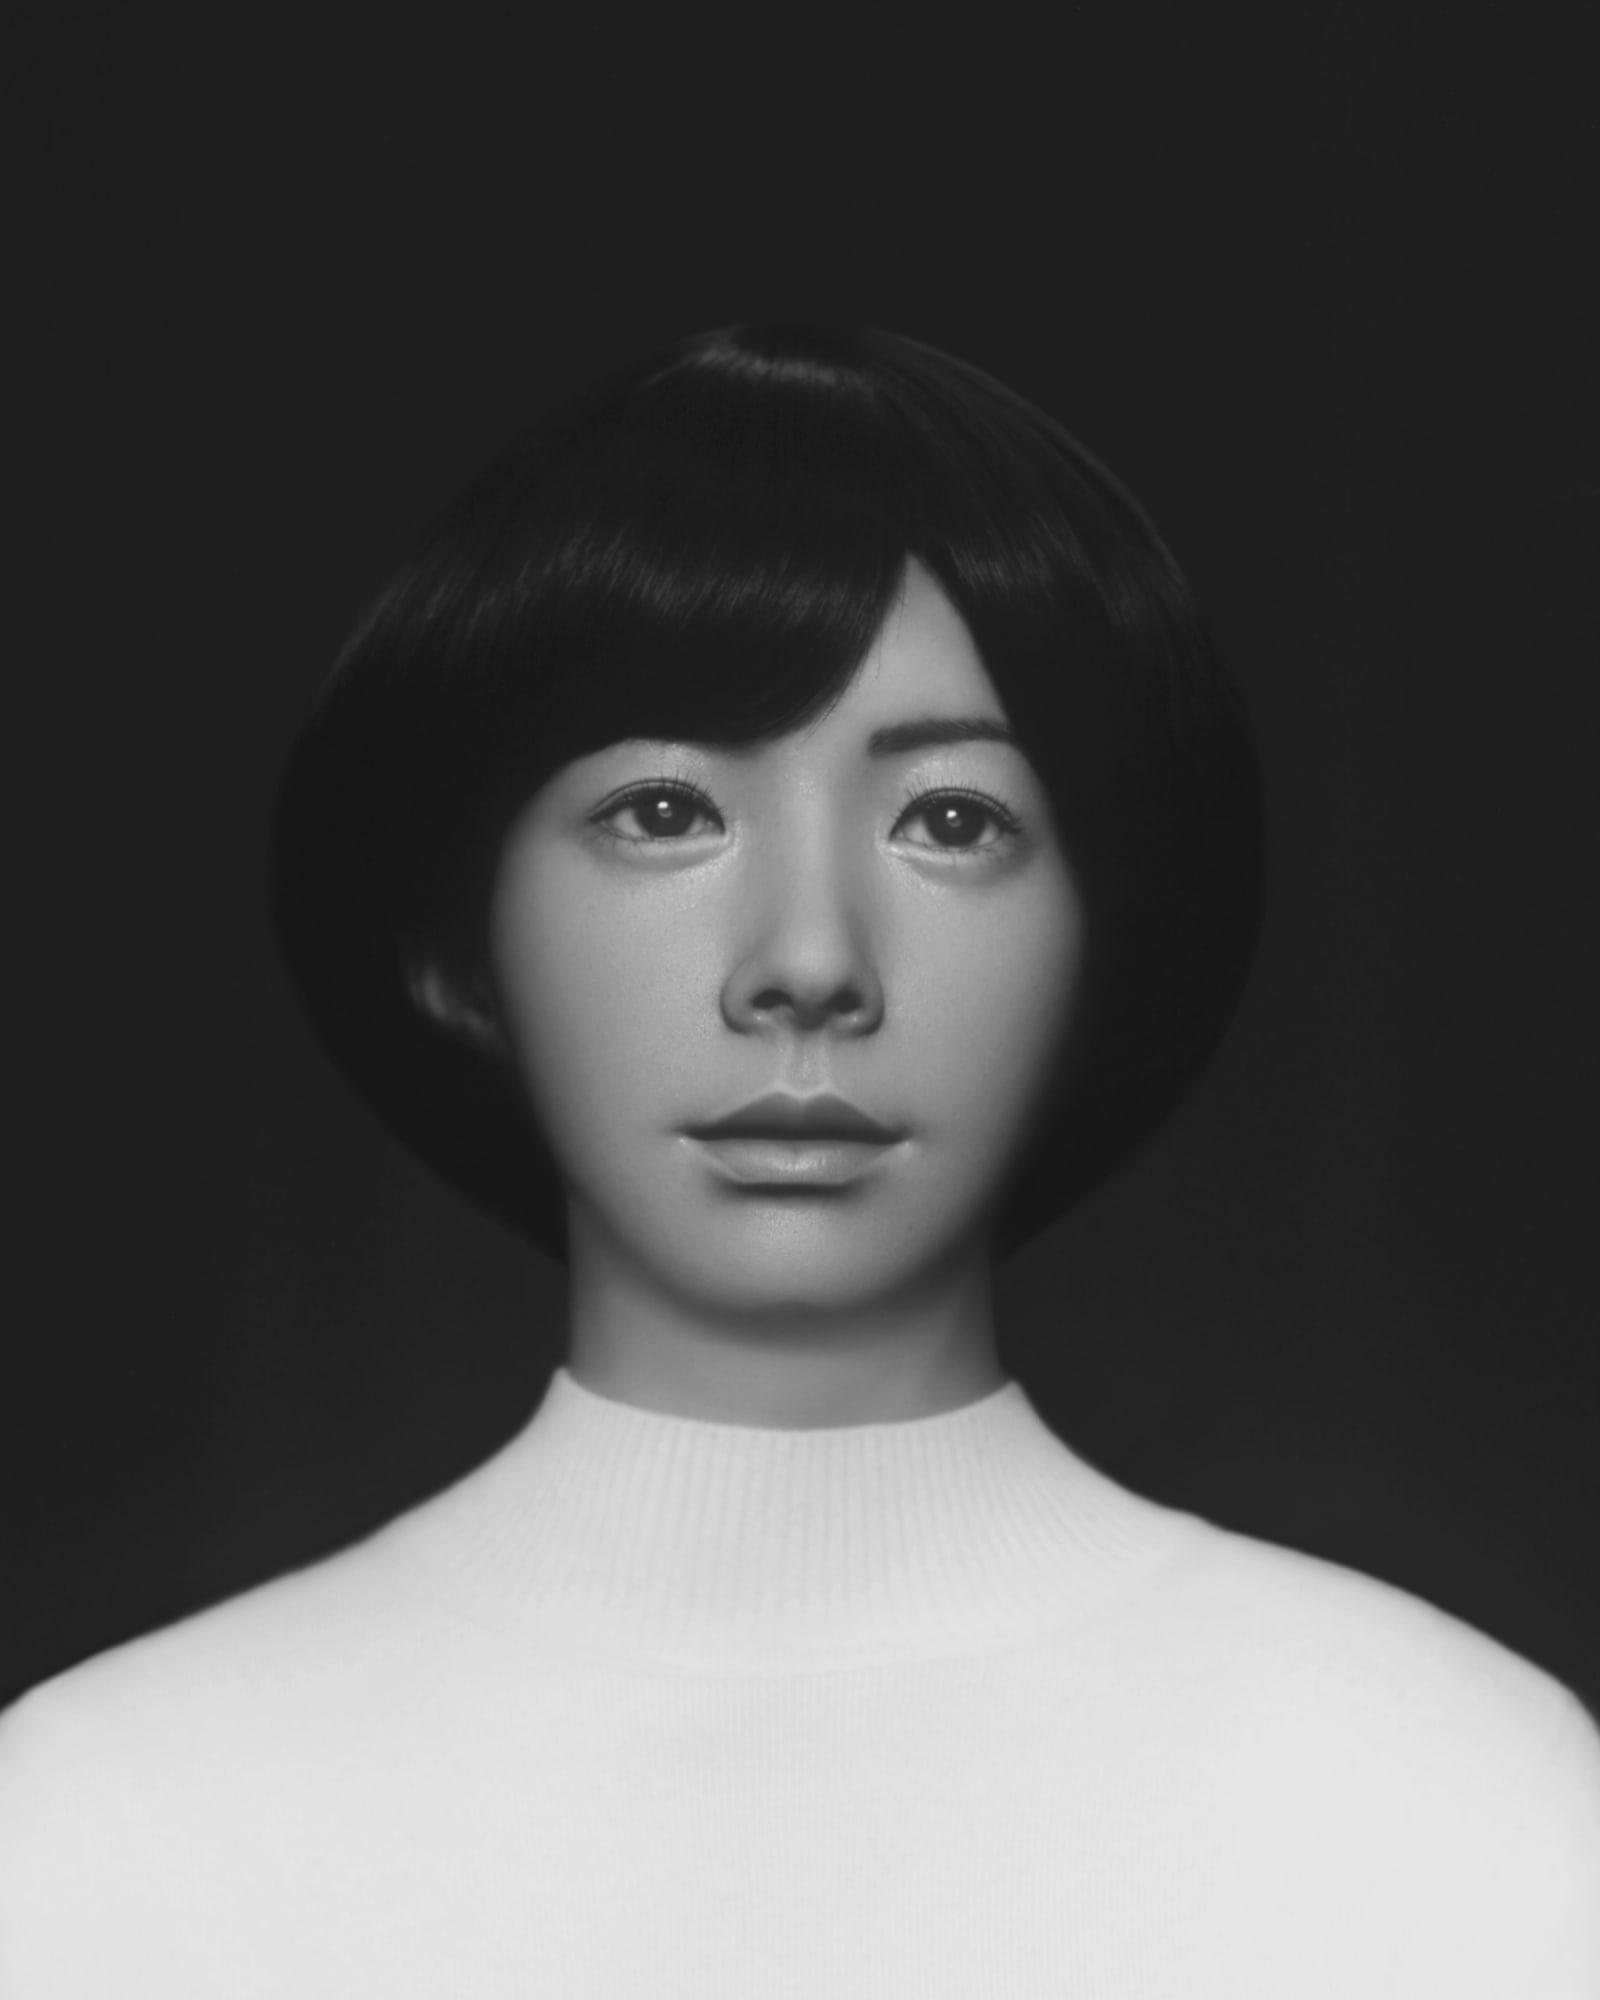 #45 Androids - Wanda Tuerlinckx